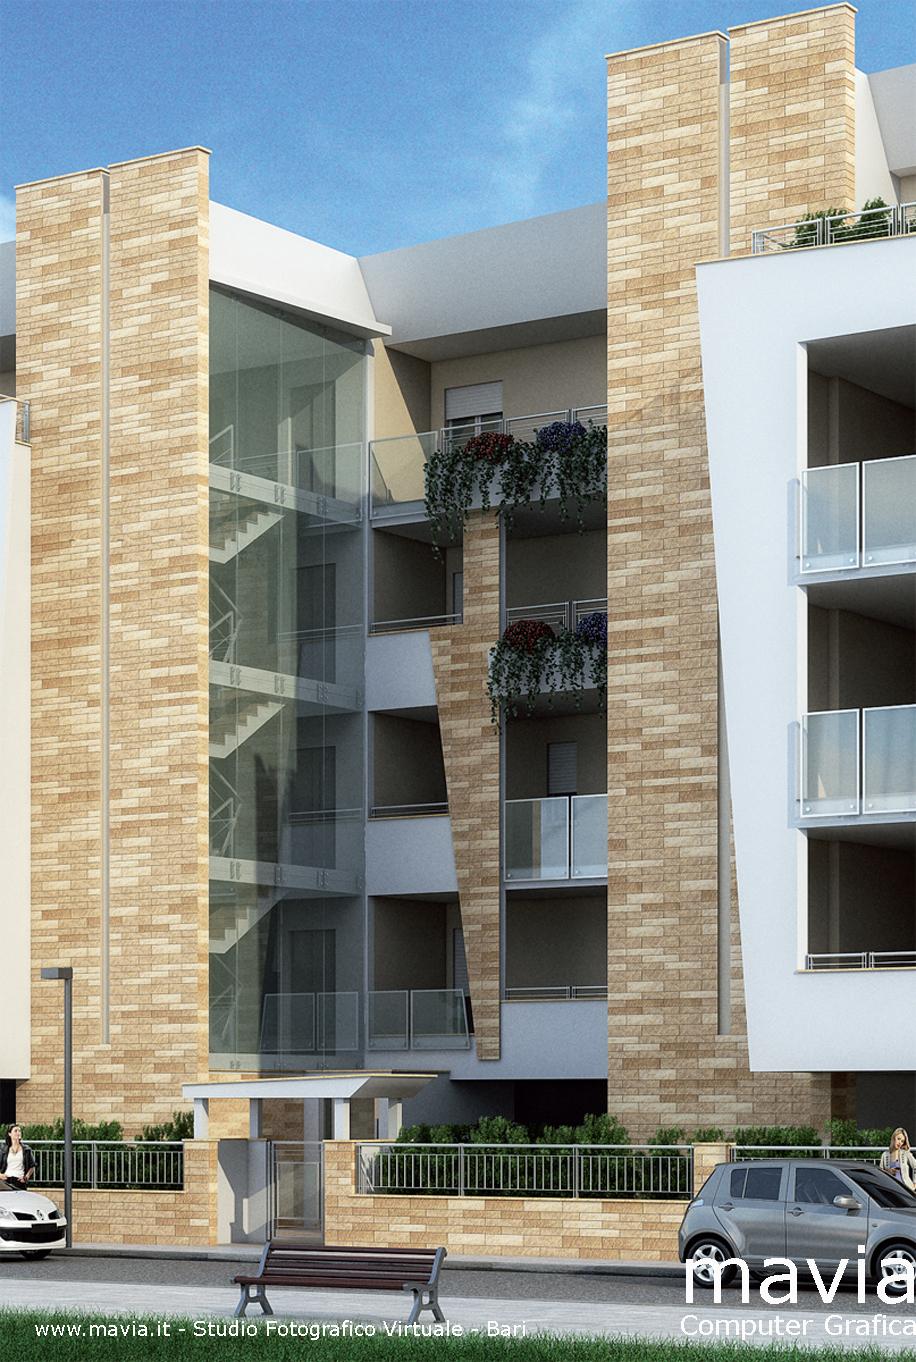 Esterni 3d rendering 3d architettura 3d 3d rendering for Architettura 3d